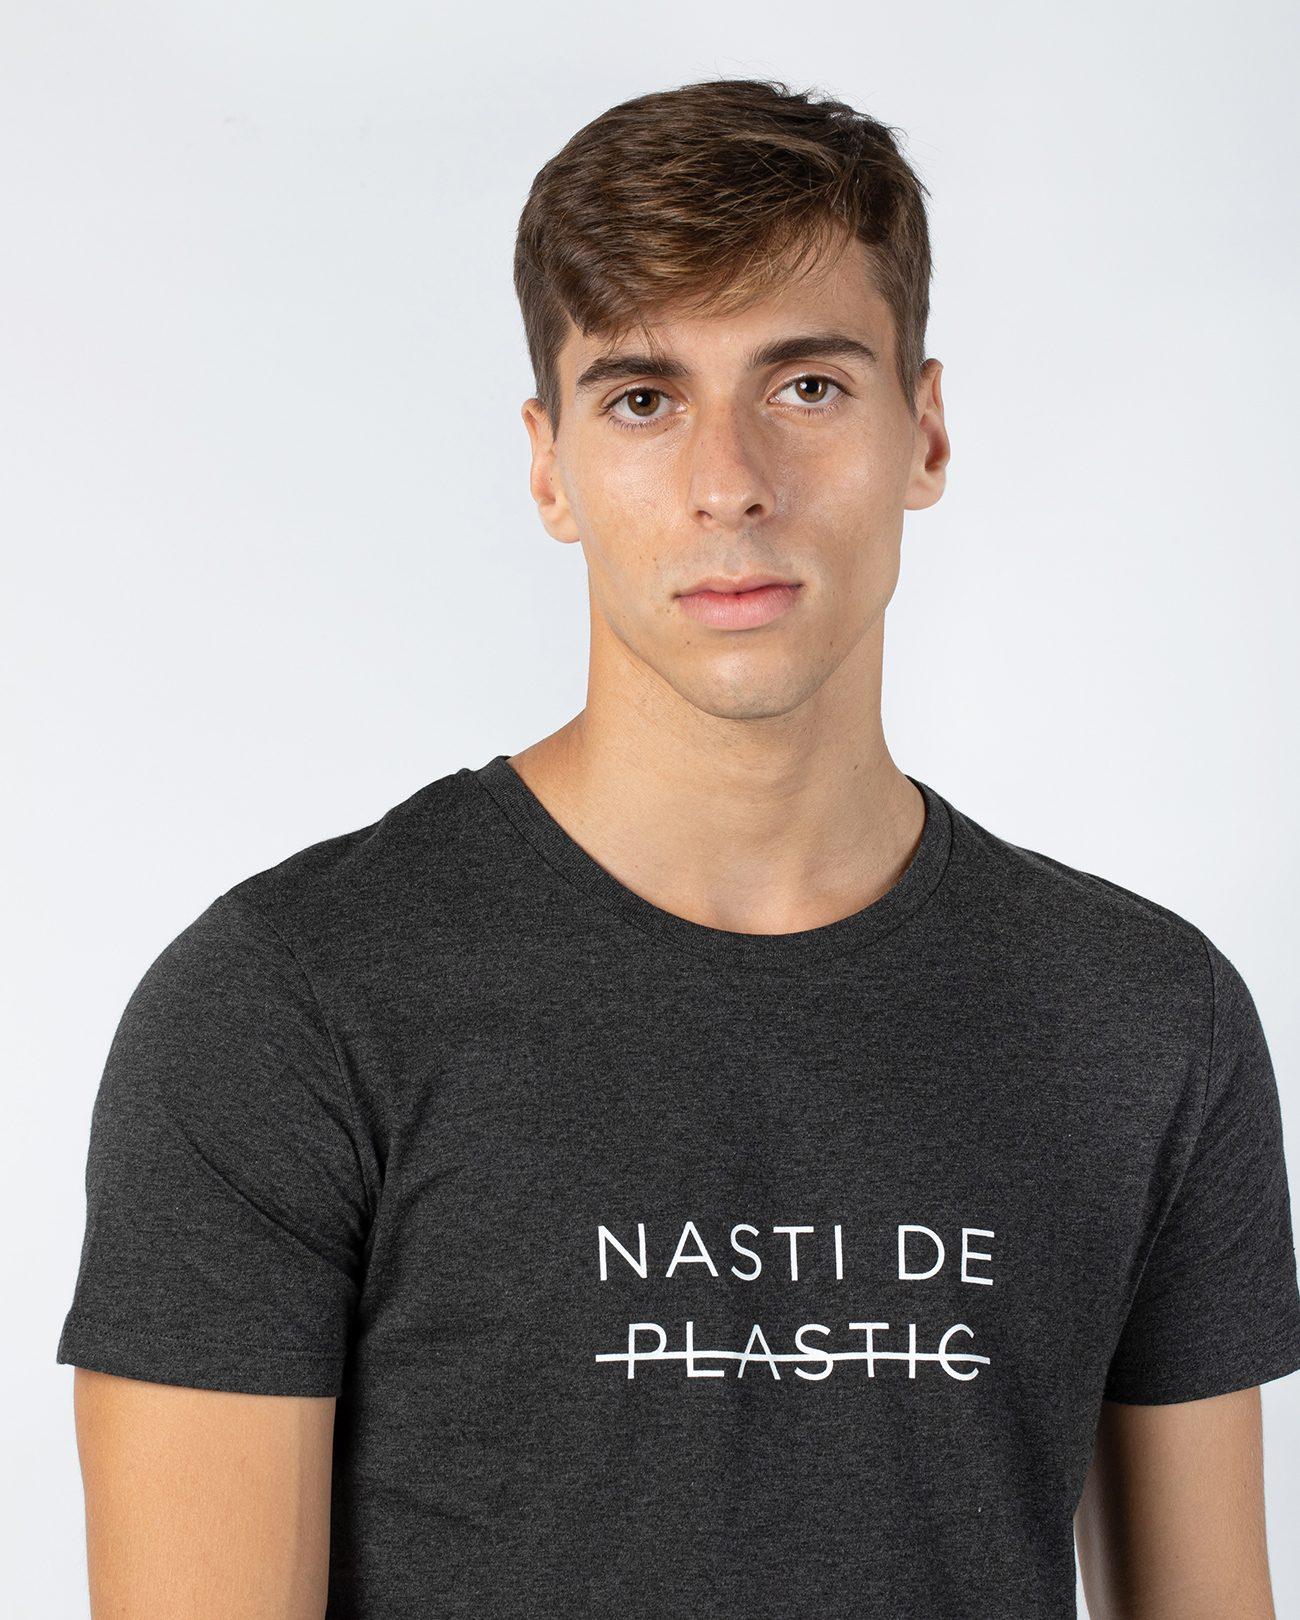 Camiseta Nasti de plastic chico